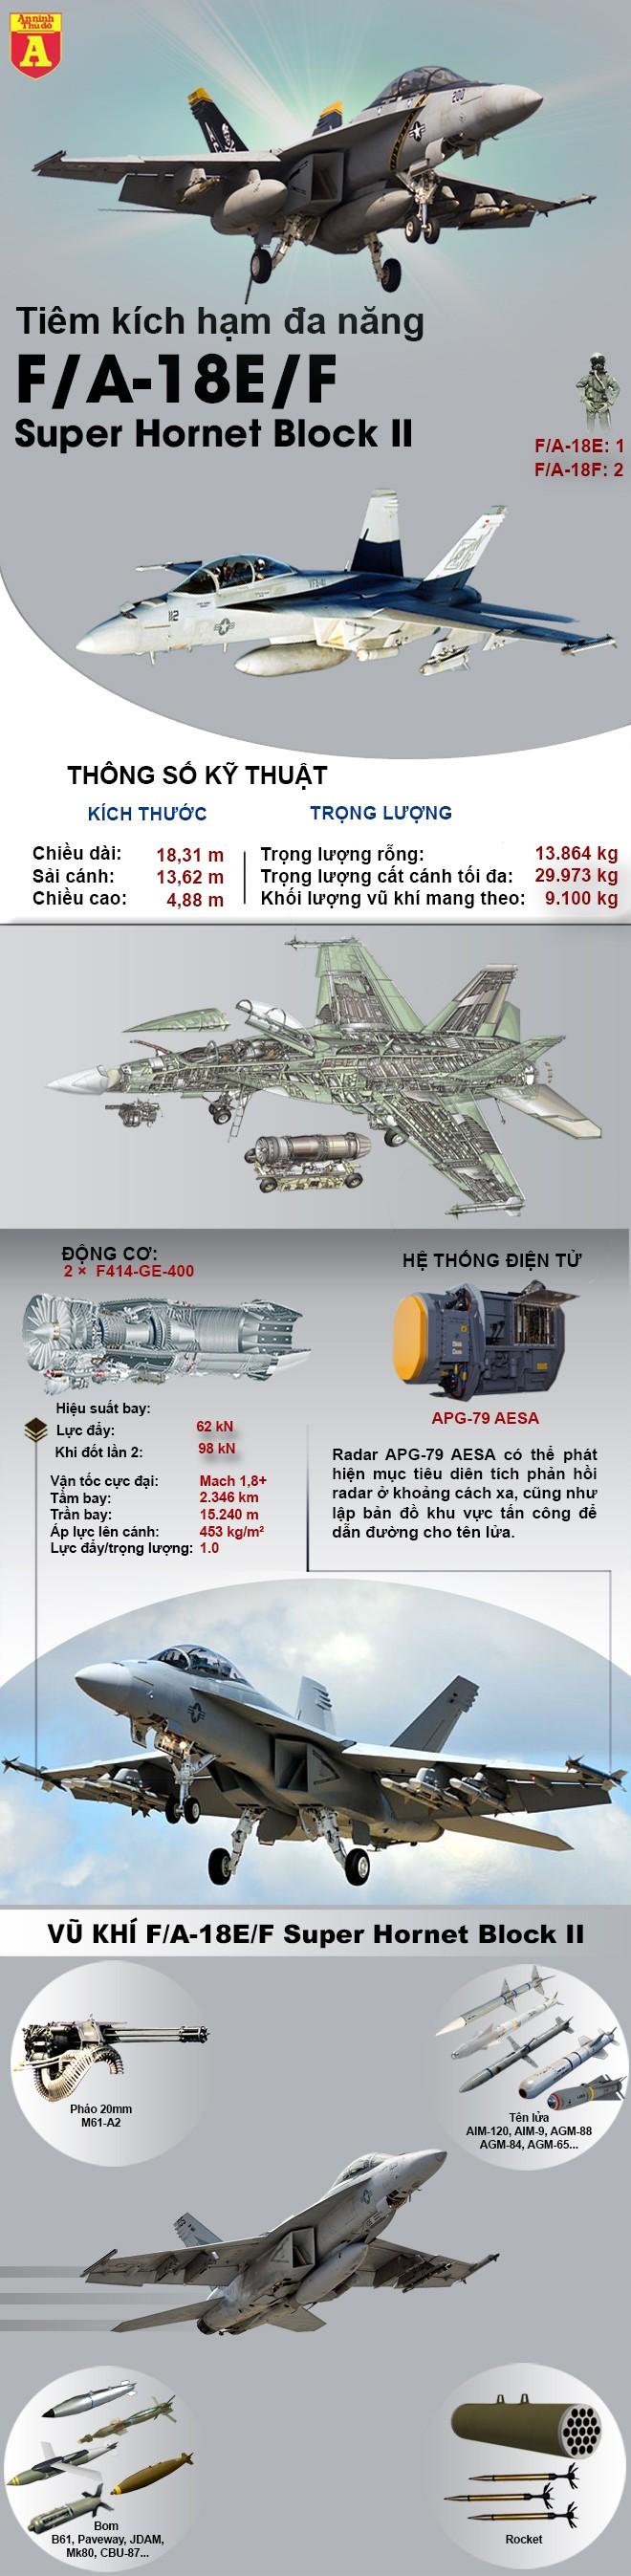 [Infographic] Khi 'Gấu bay Tu-95MS' Nga được hộ tống bởi 'Ong bắp cày F-18E/F' Mỹ ảnh 2